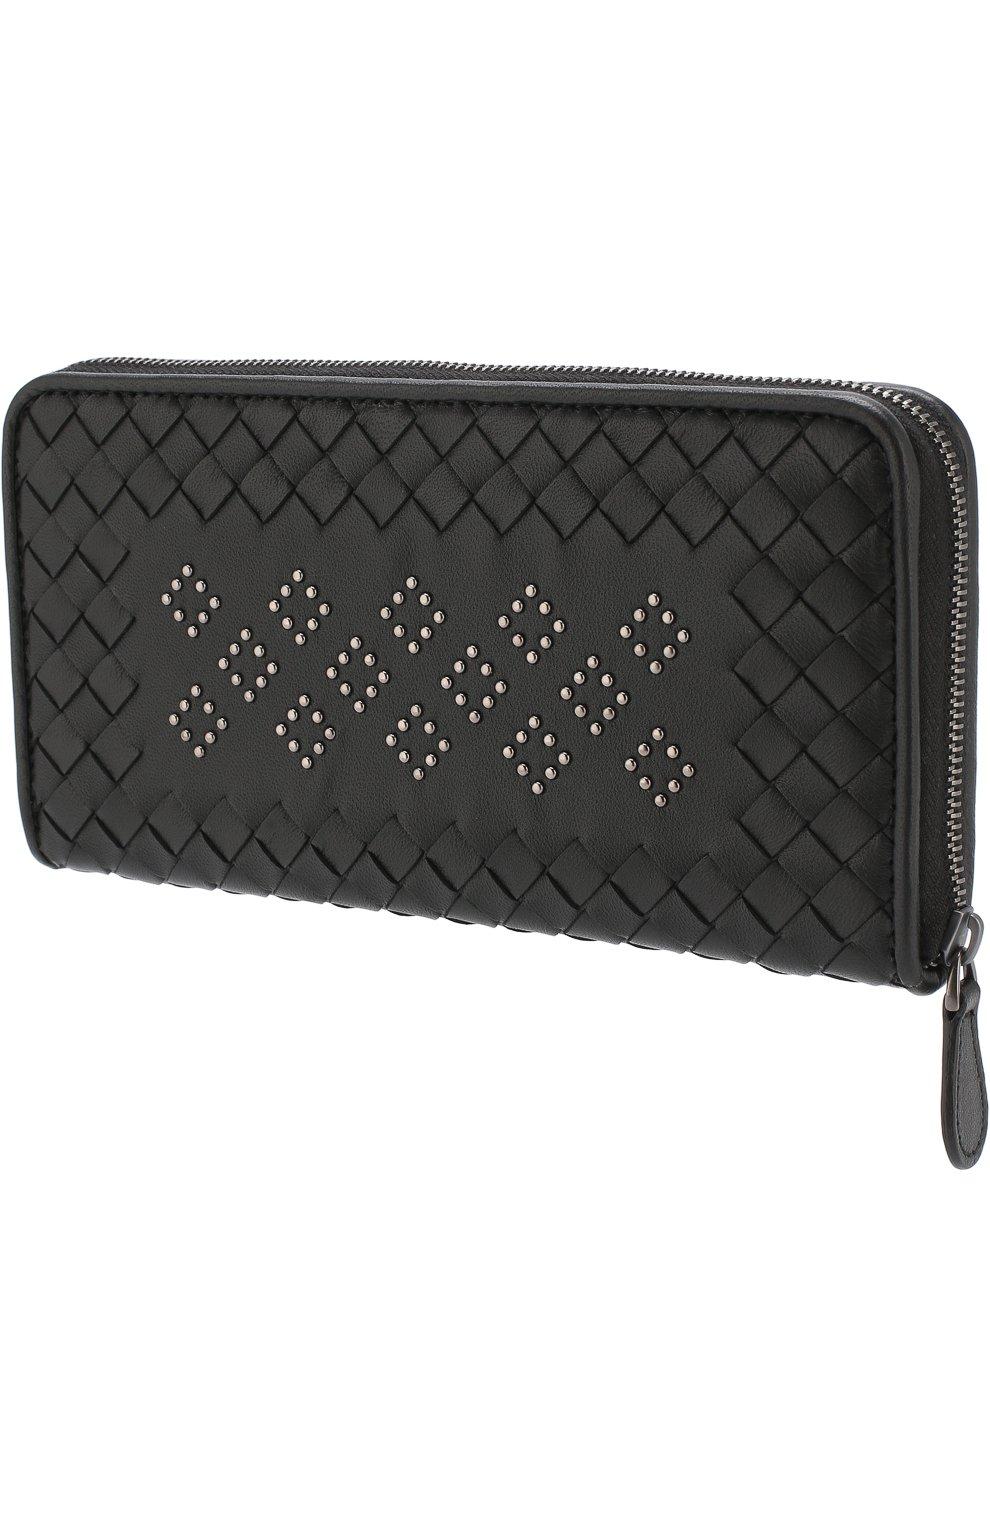 Кожаный кошелек на молнии с плетением intrecciato Bottega Veneta черного цвета | Фото №2